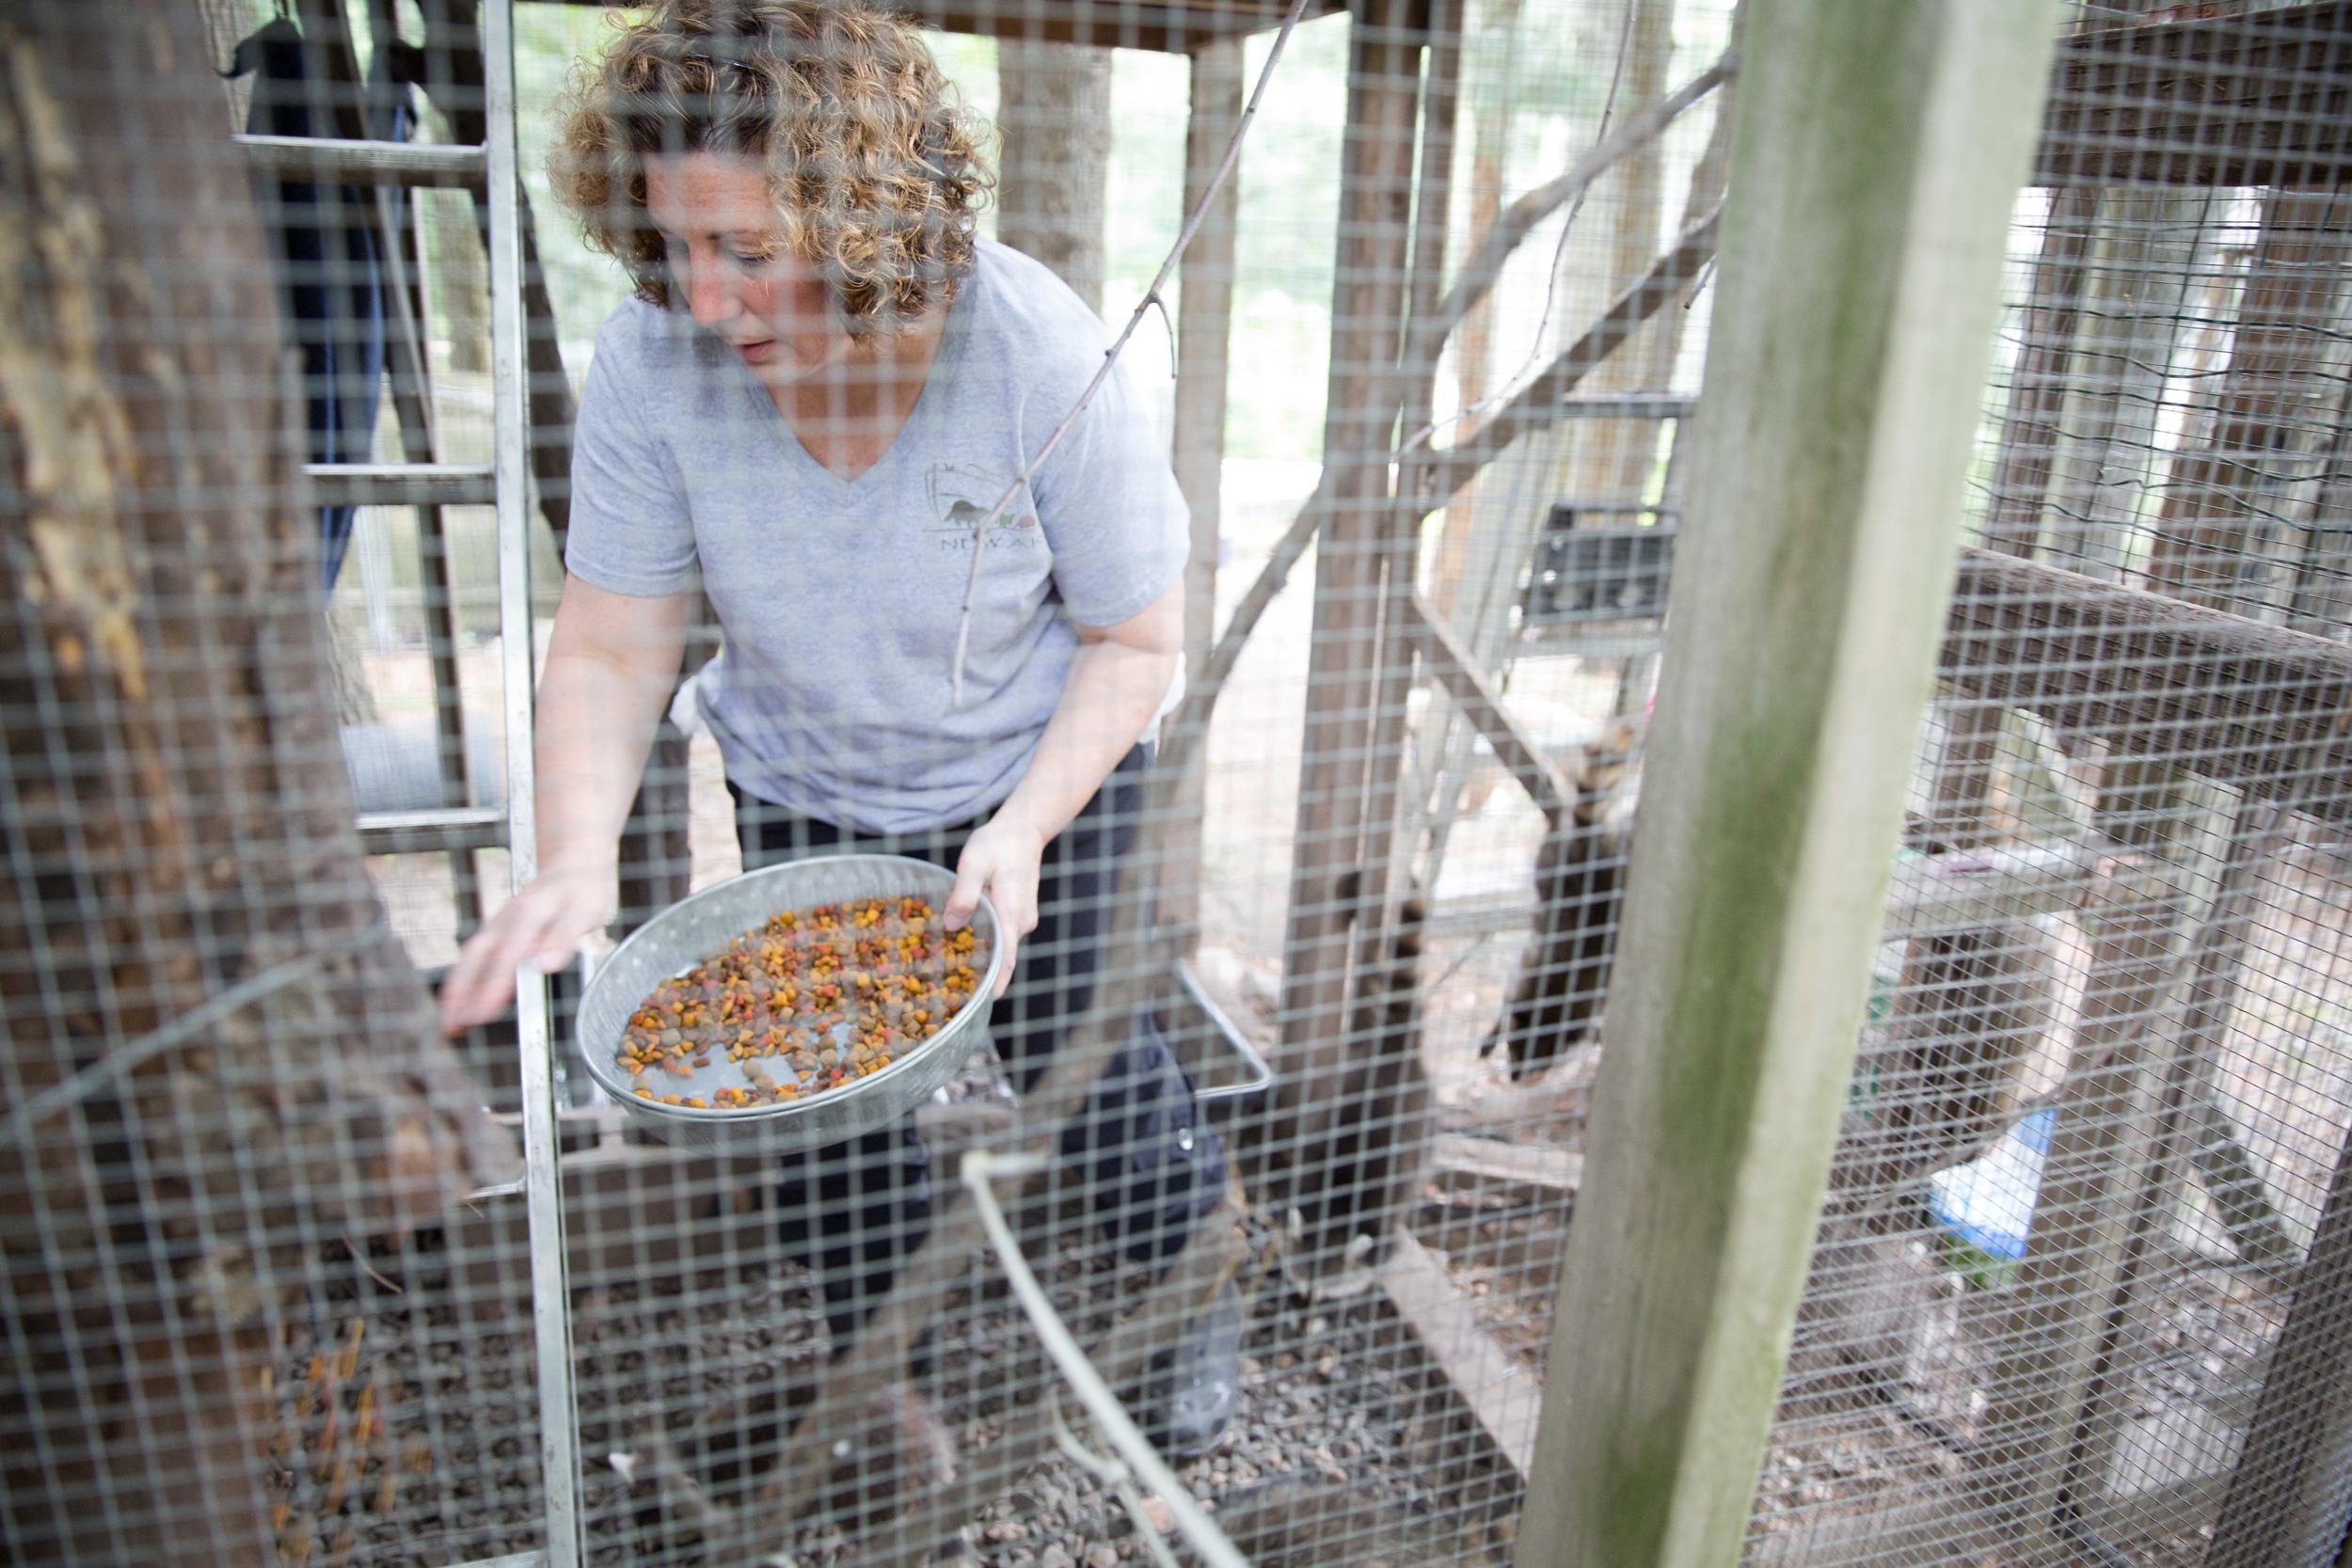 wildlife rehab06.jpg